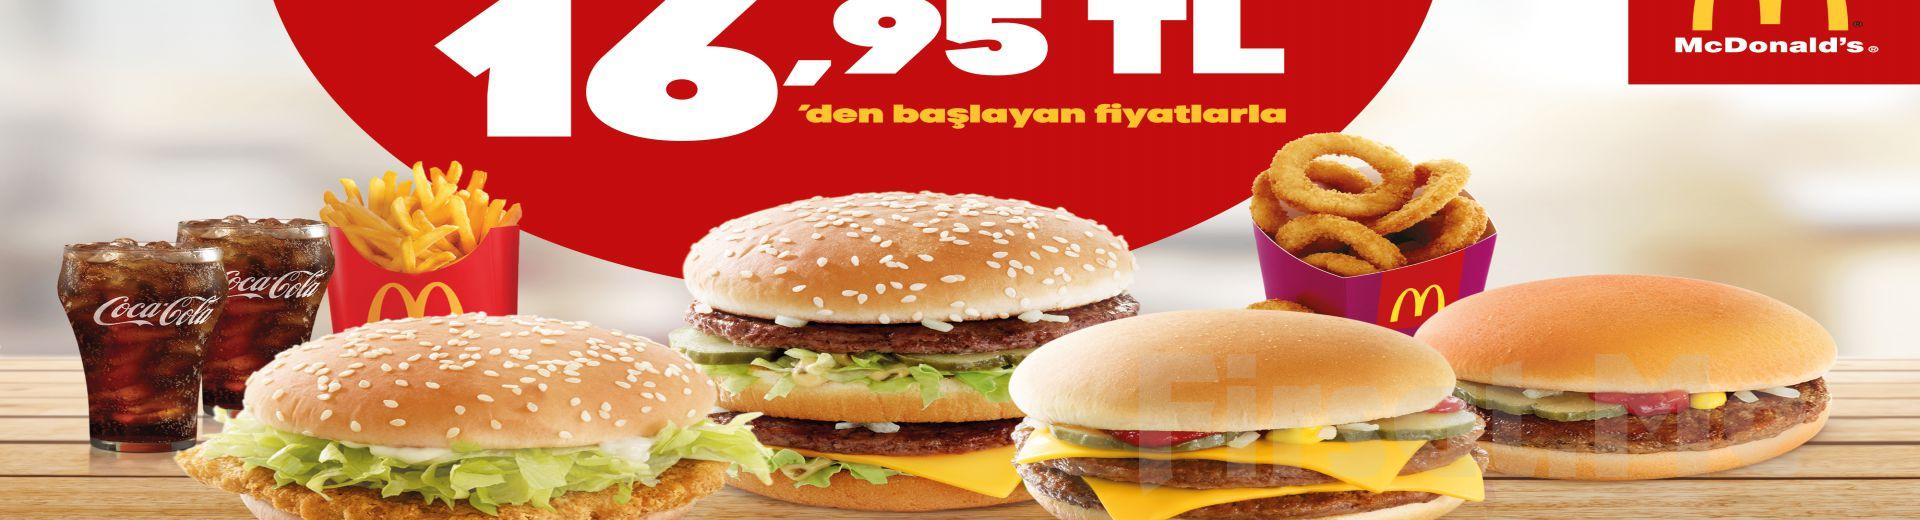 McDonald's Restoranlarında Geçerli Çift Kişilik Menü Seçenekleri